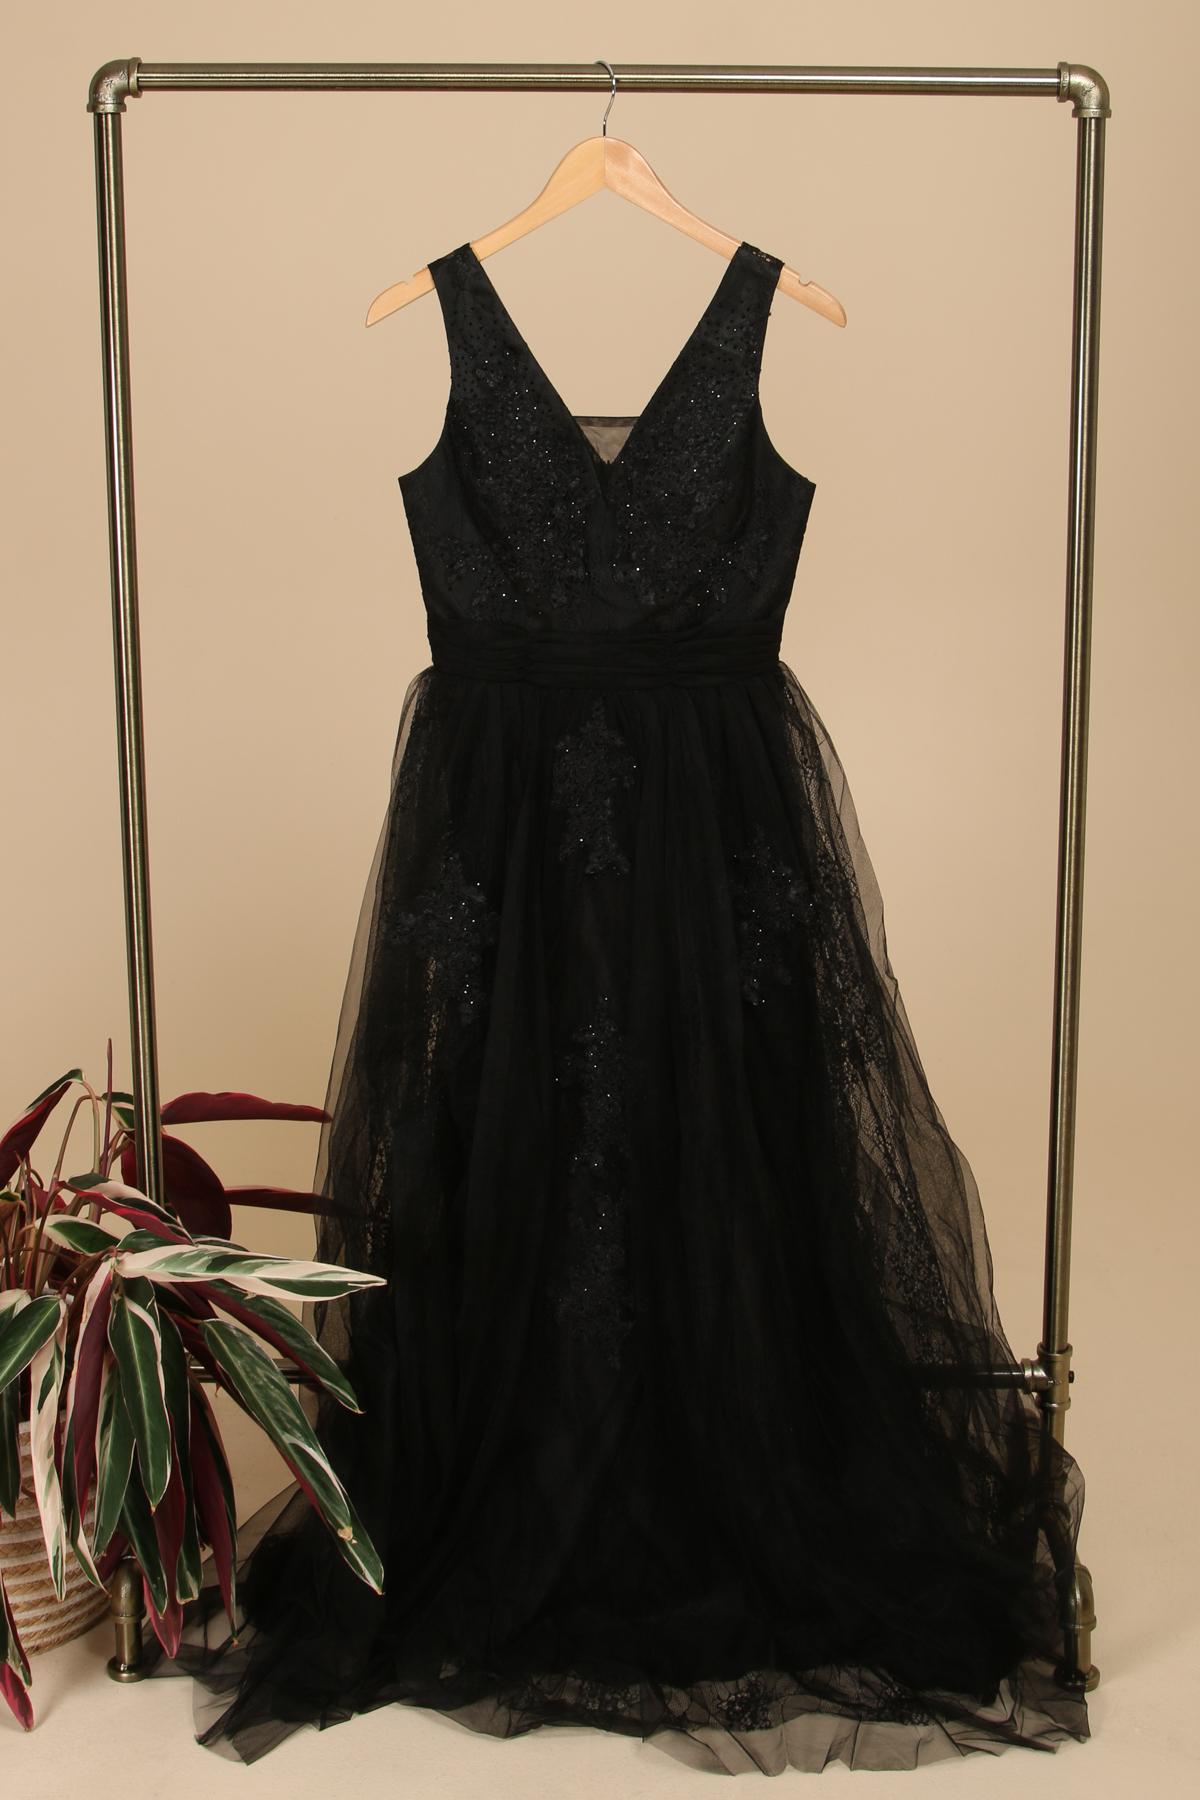 Robes de soirée Femme Noir HD Diffusion 191165A #c eFashion Paris